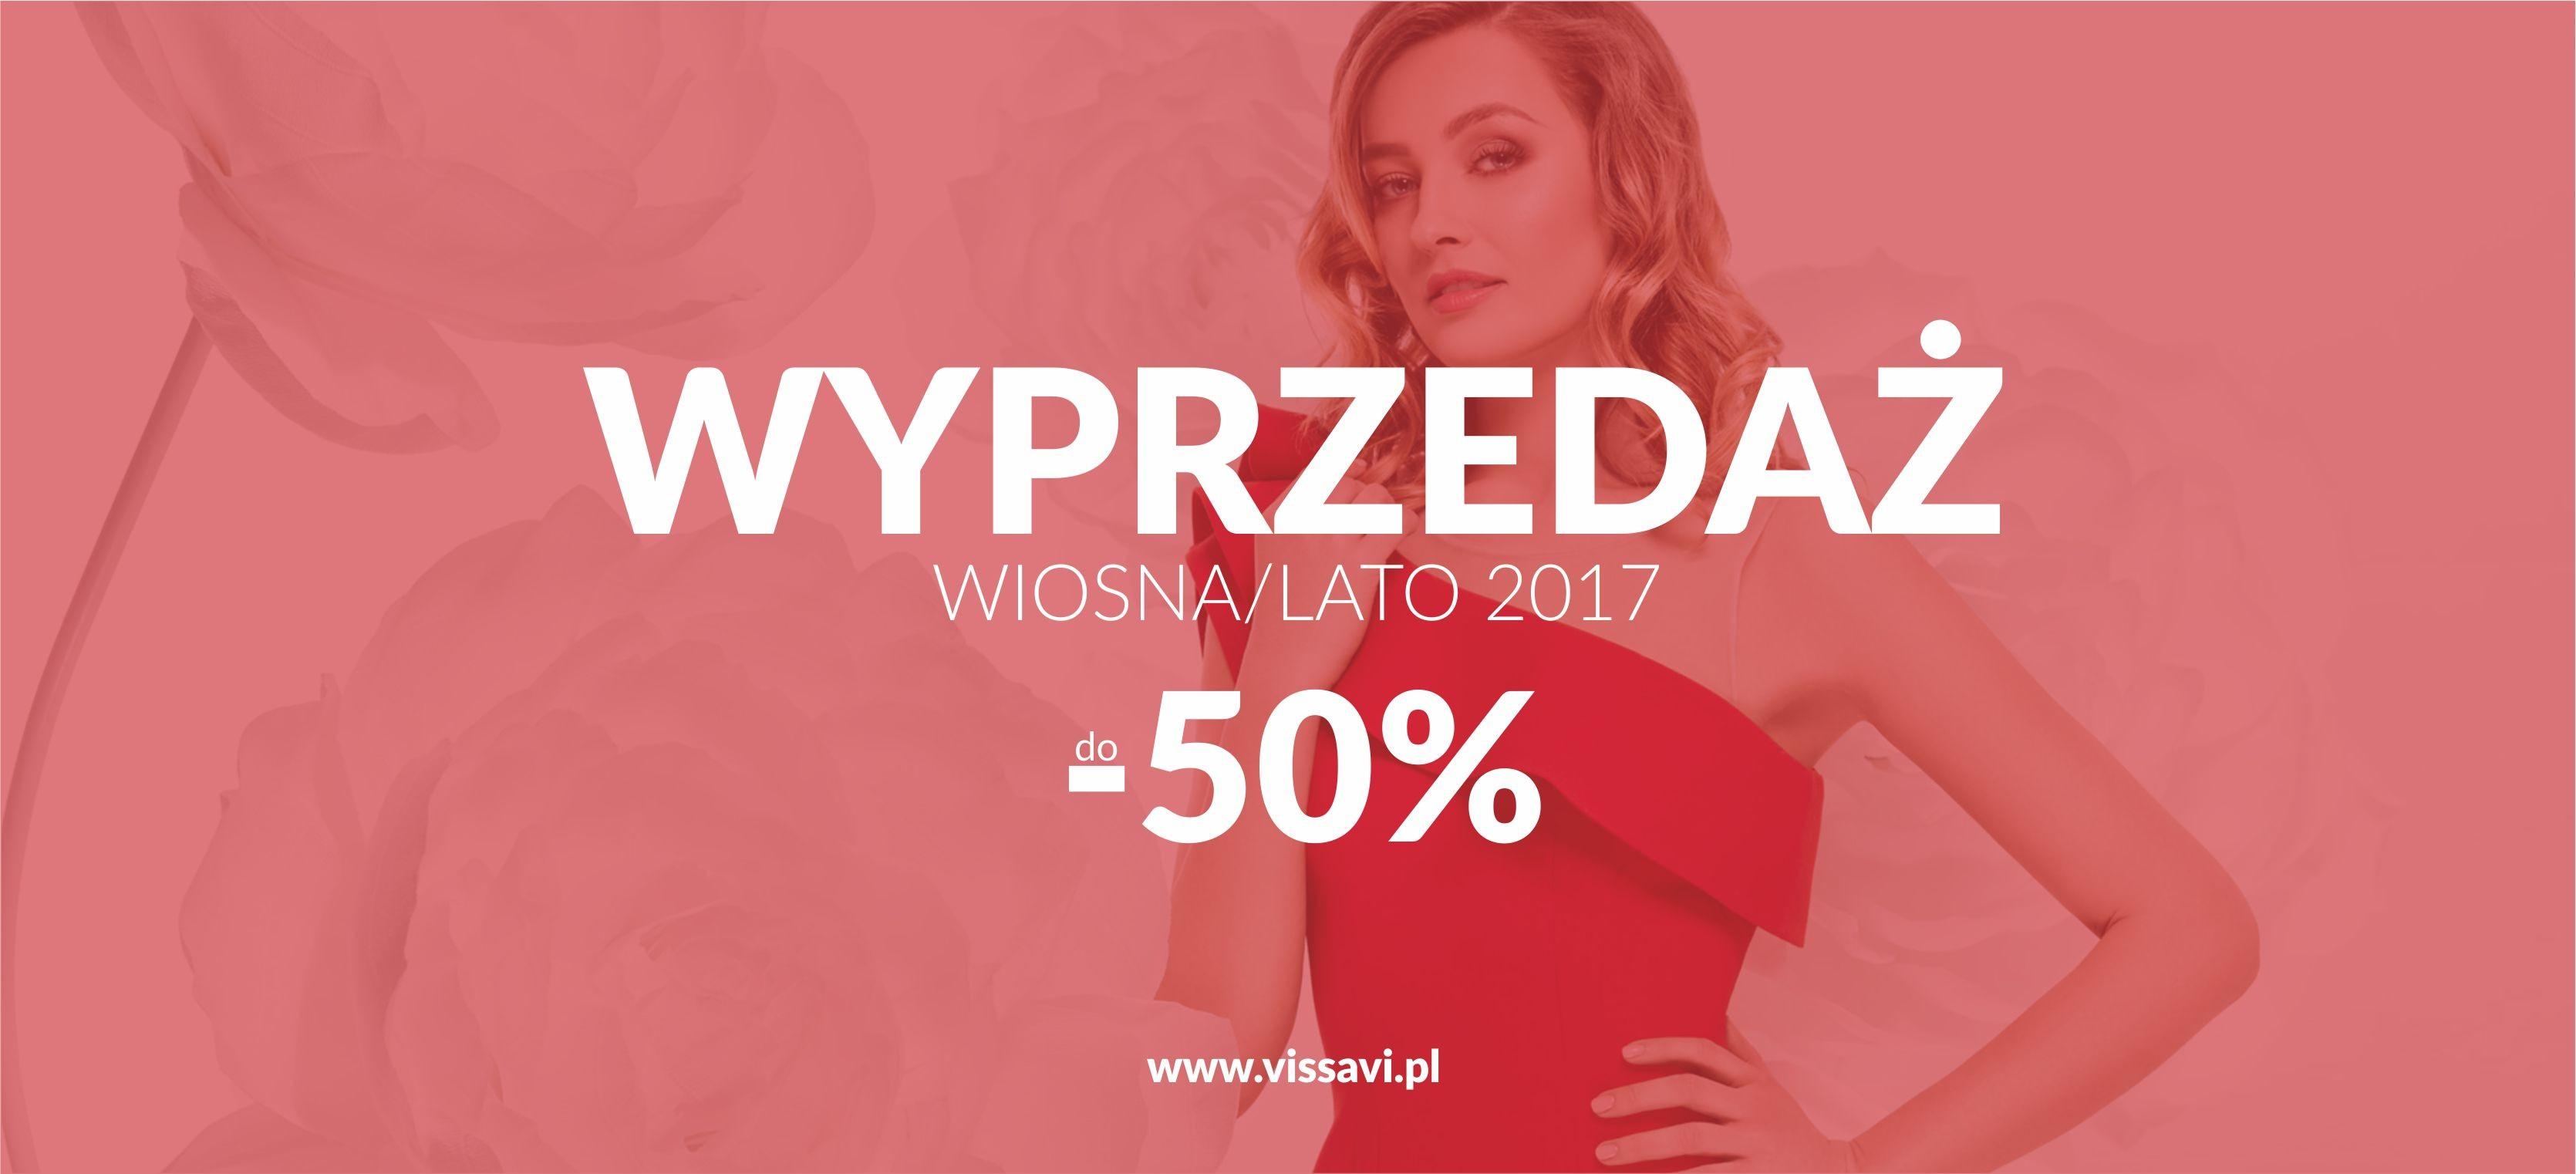 Vissavi: wyprzedaż do 50% zniżki na kolekcję wiosna/lato 2017